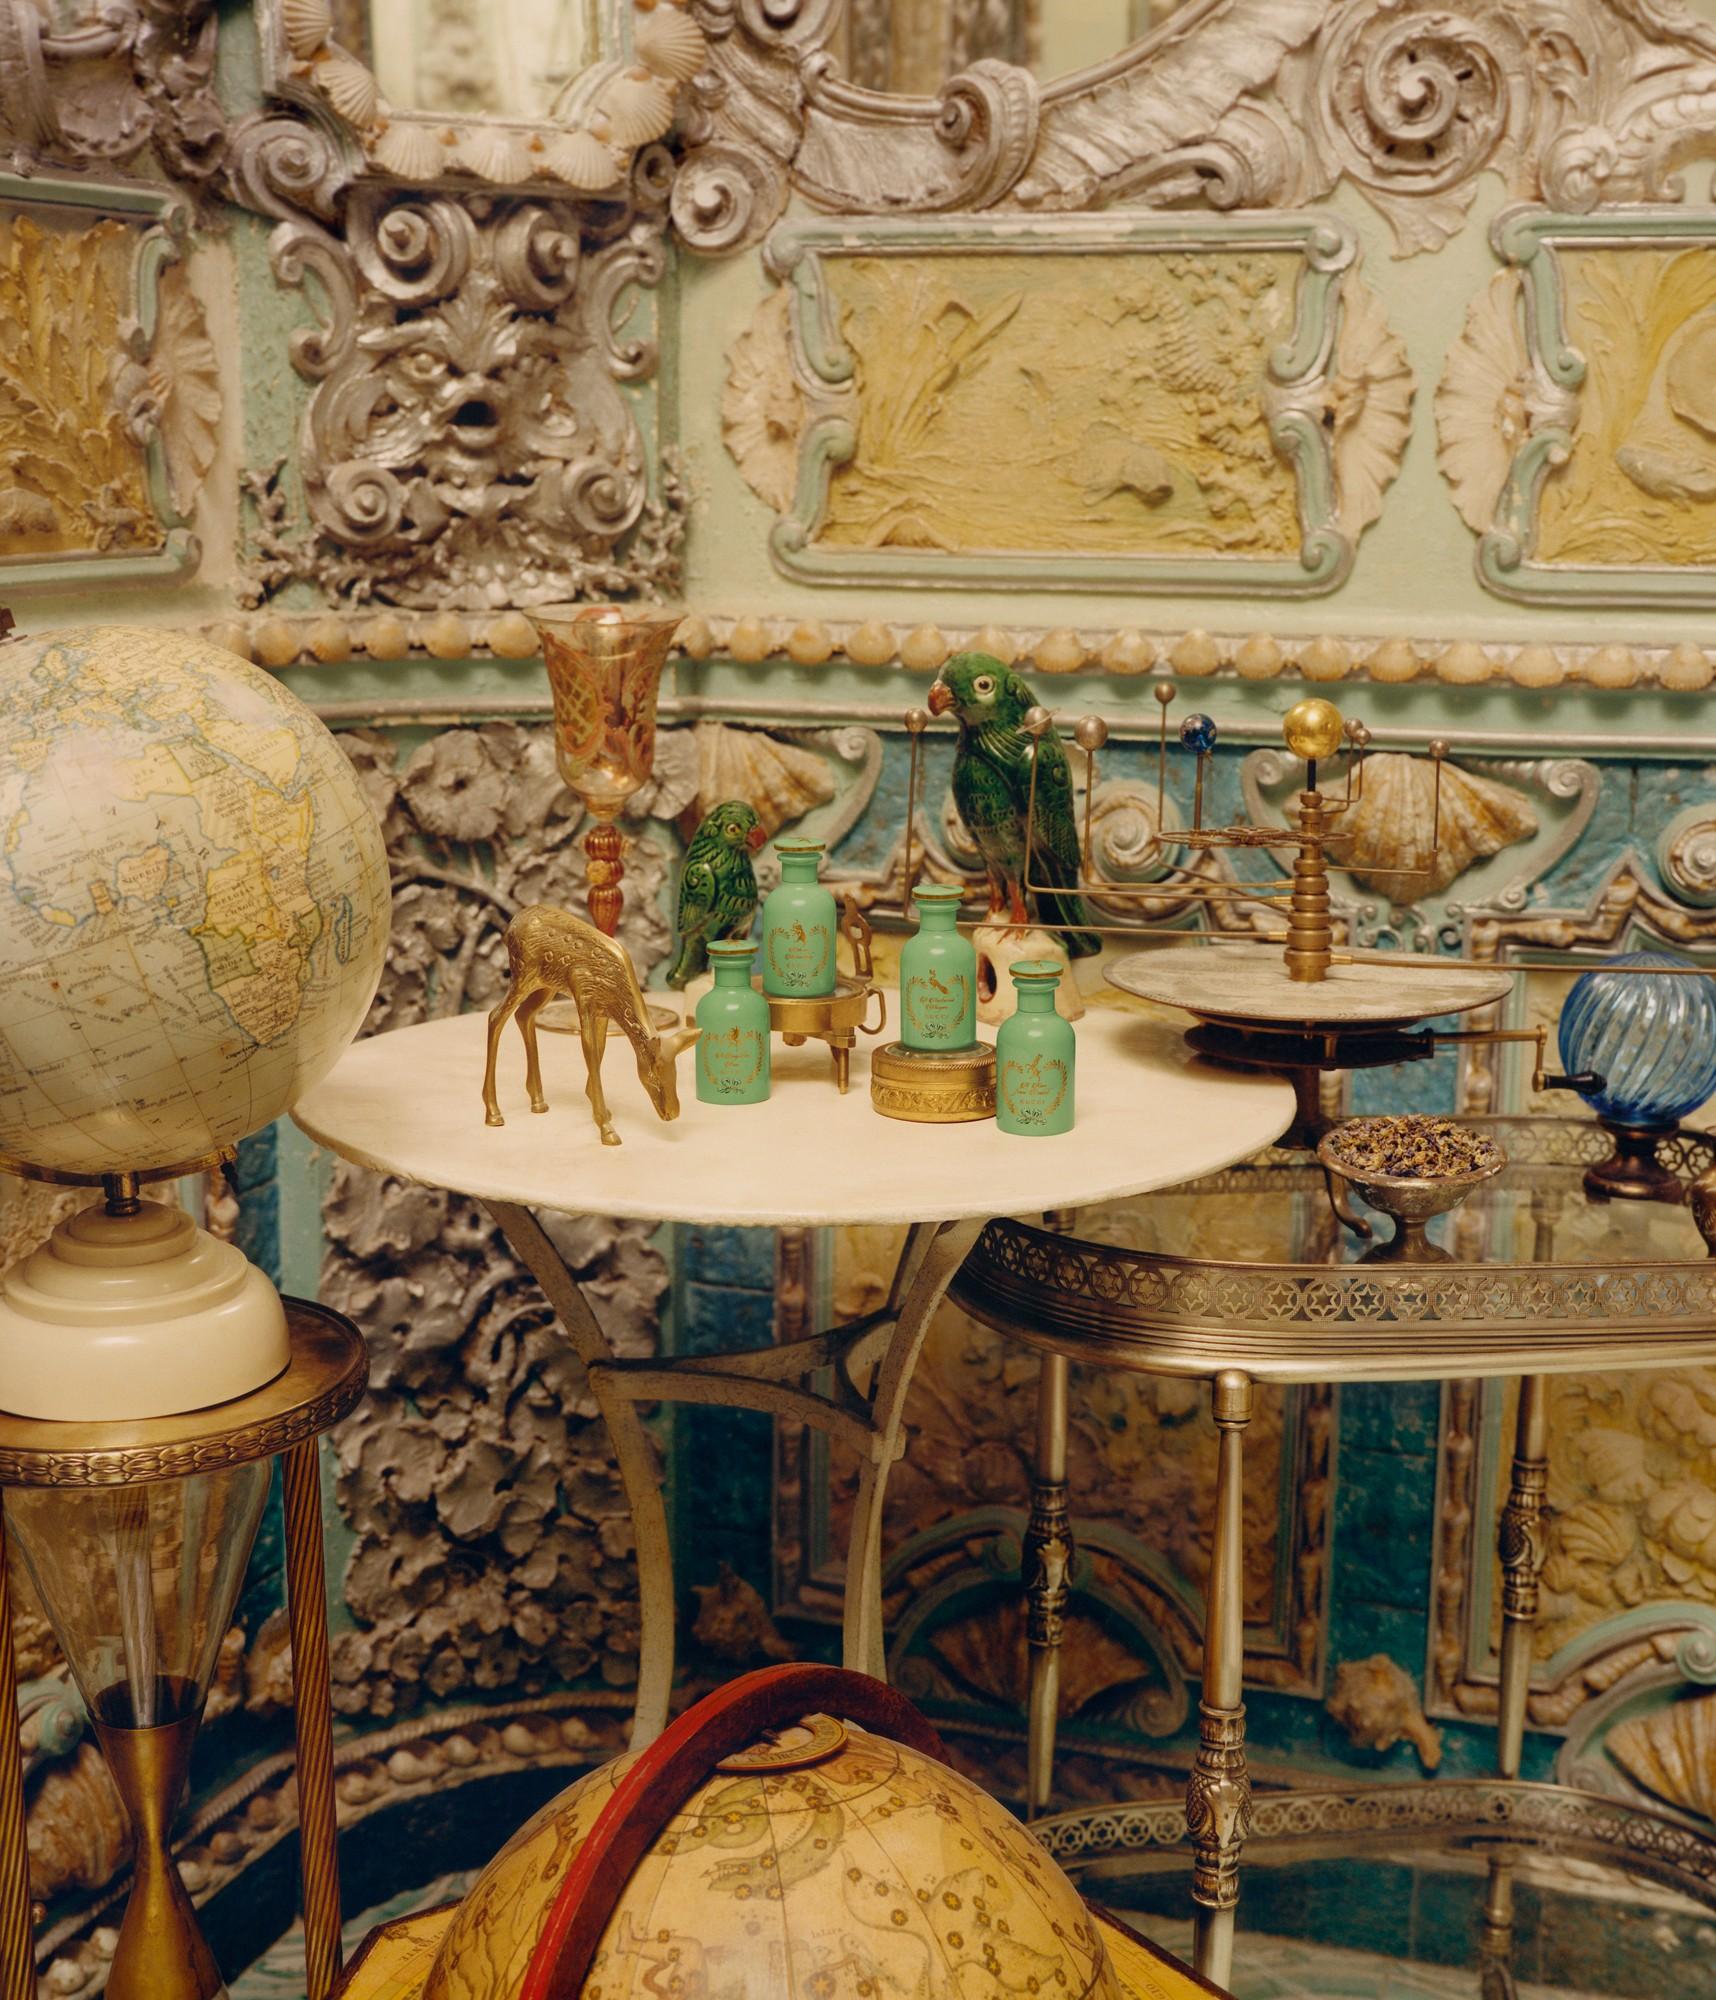 8d9e8edece3 Gucci unveils seven scents in luxury fragrances collection  The Alchemist s  Garden